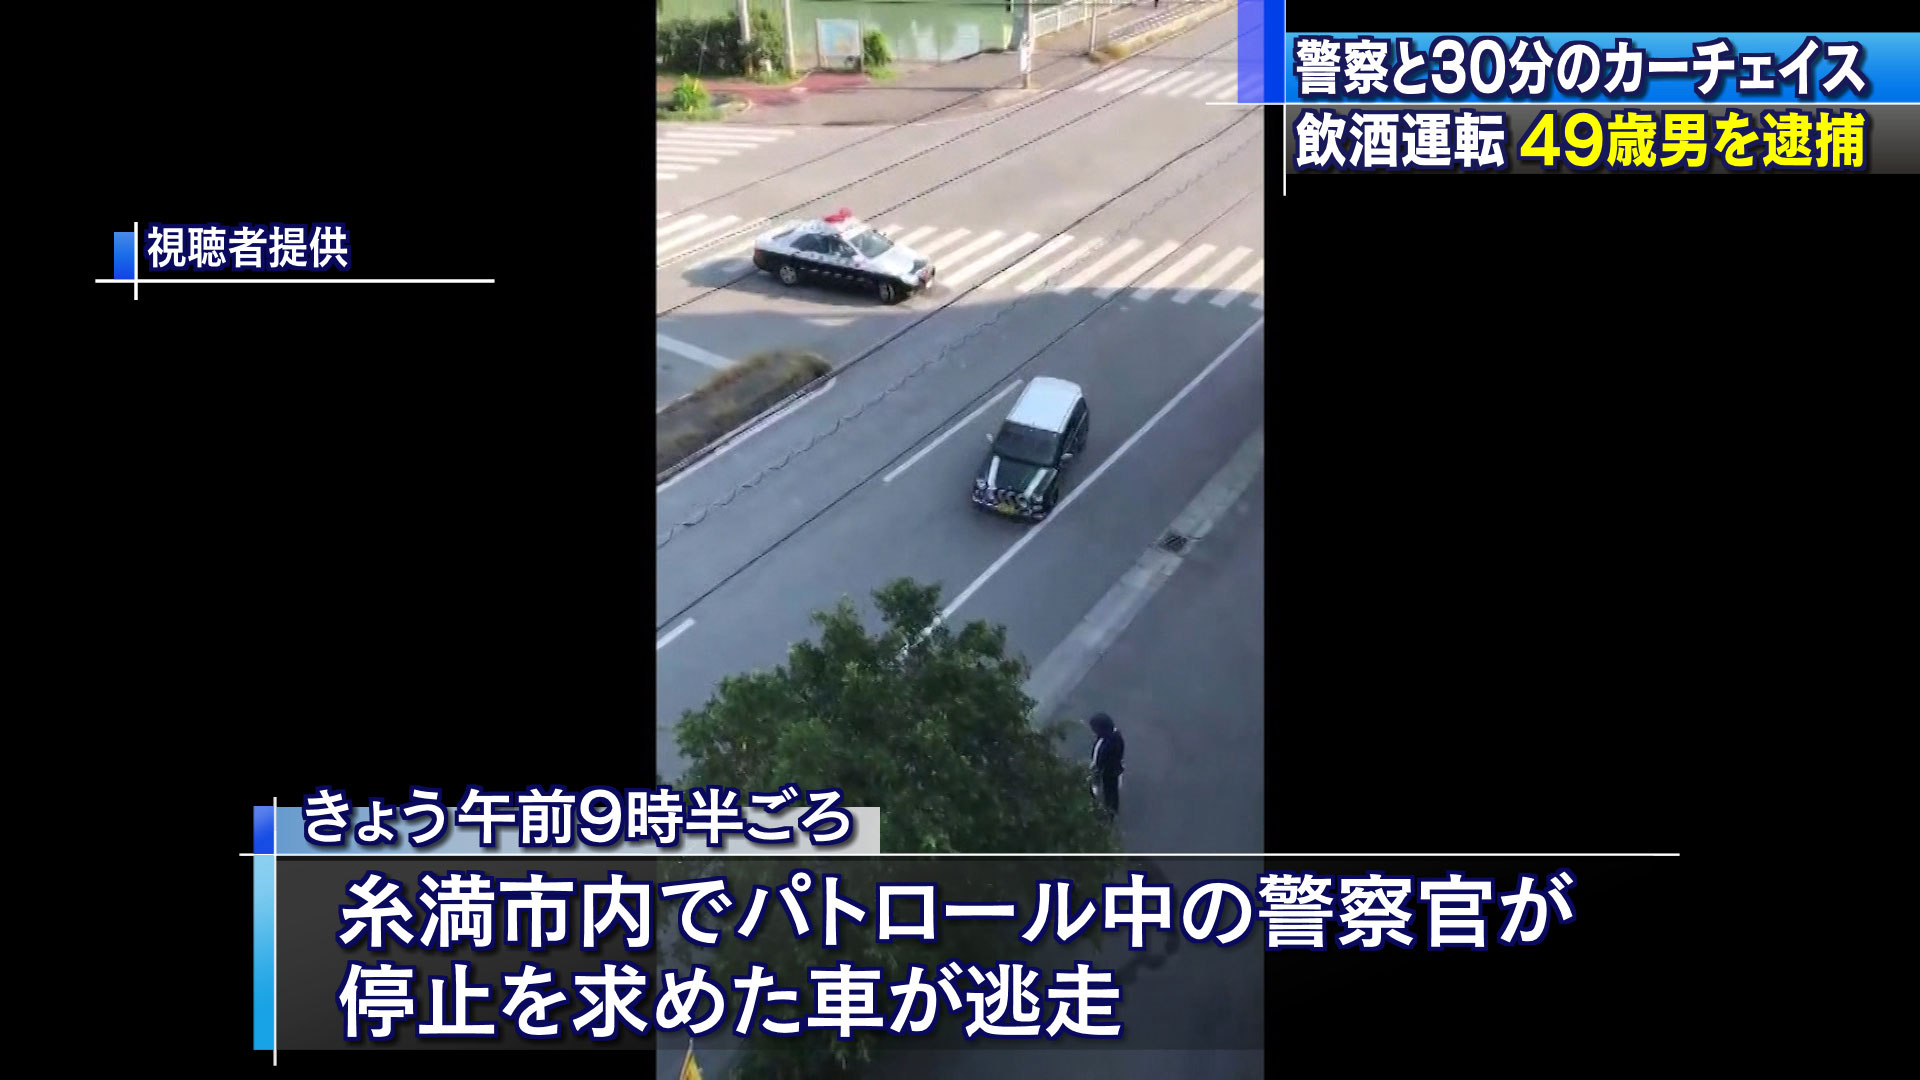 飲酒暴走の運転手 警察が追跡し逮捕